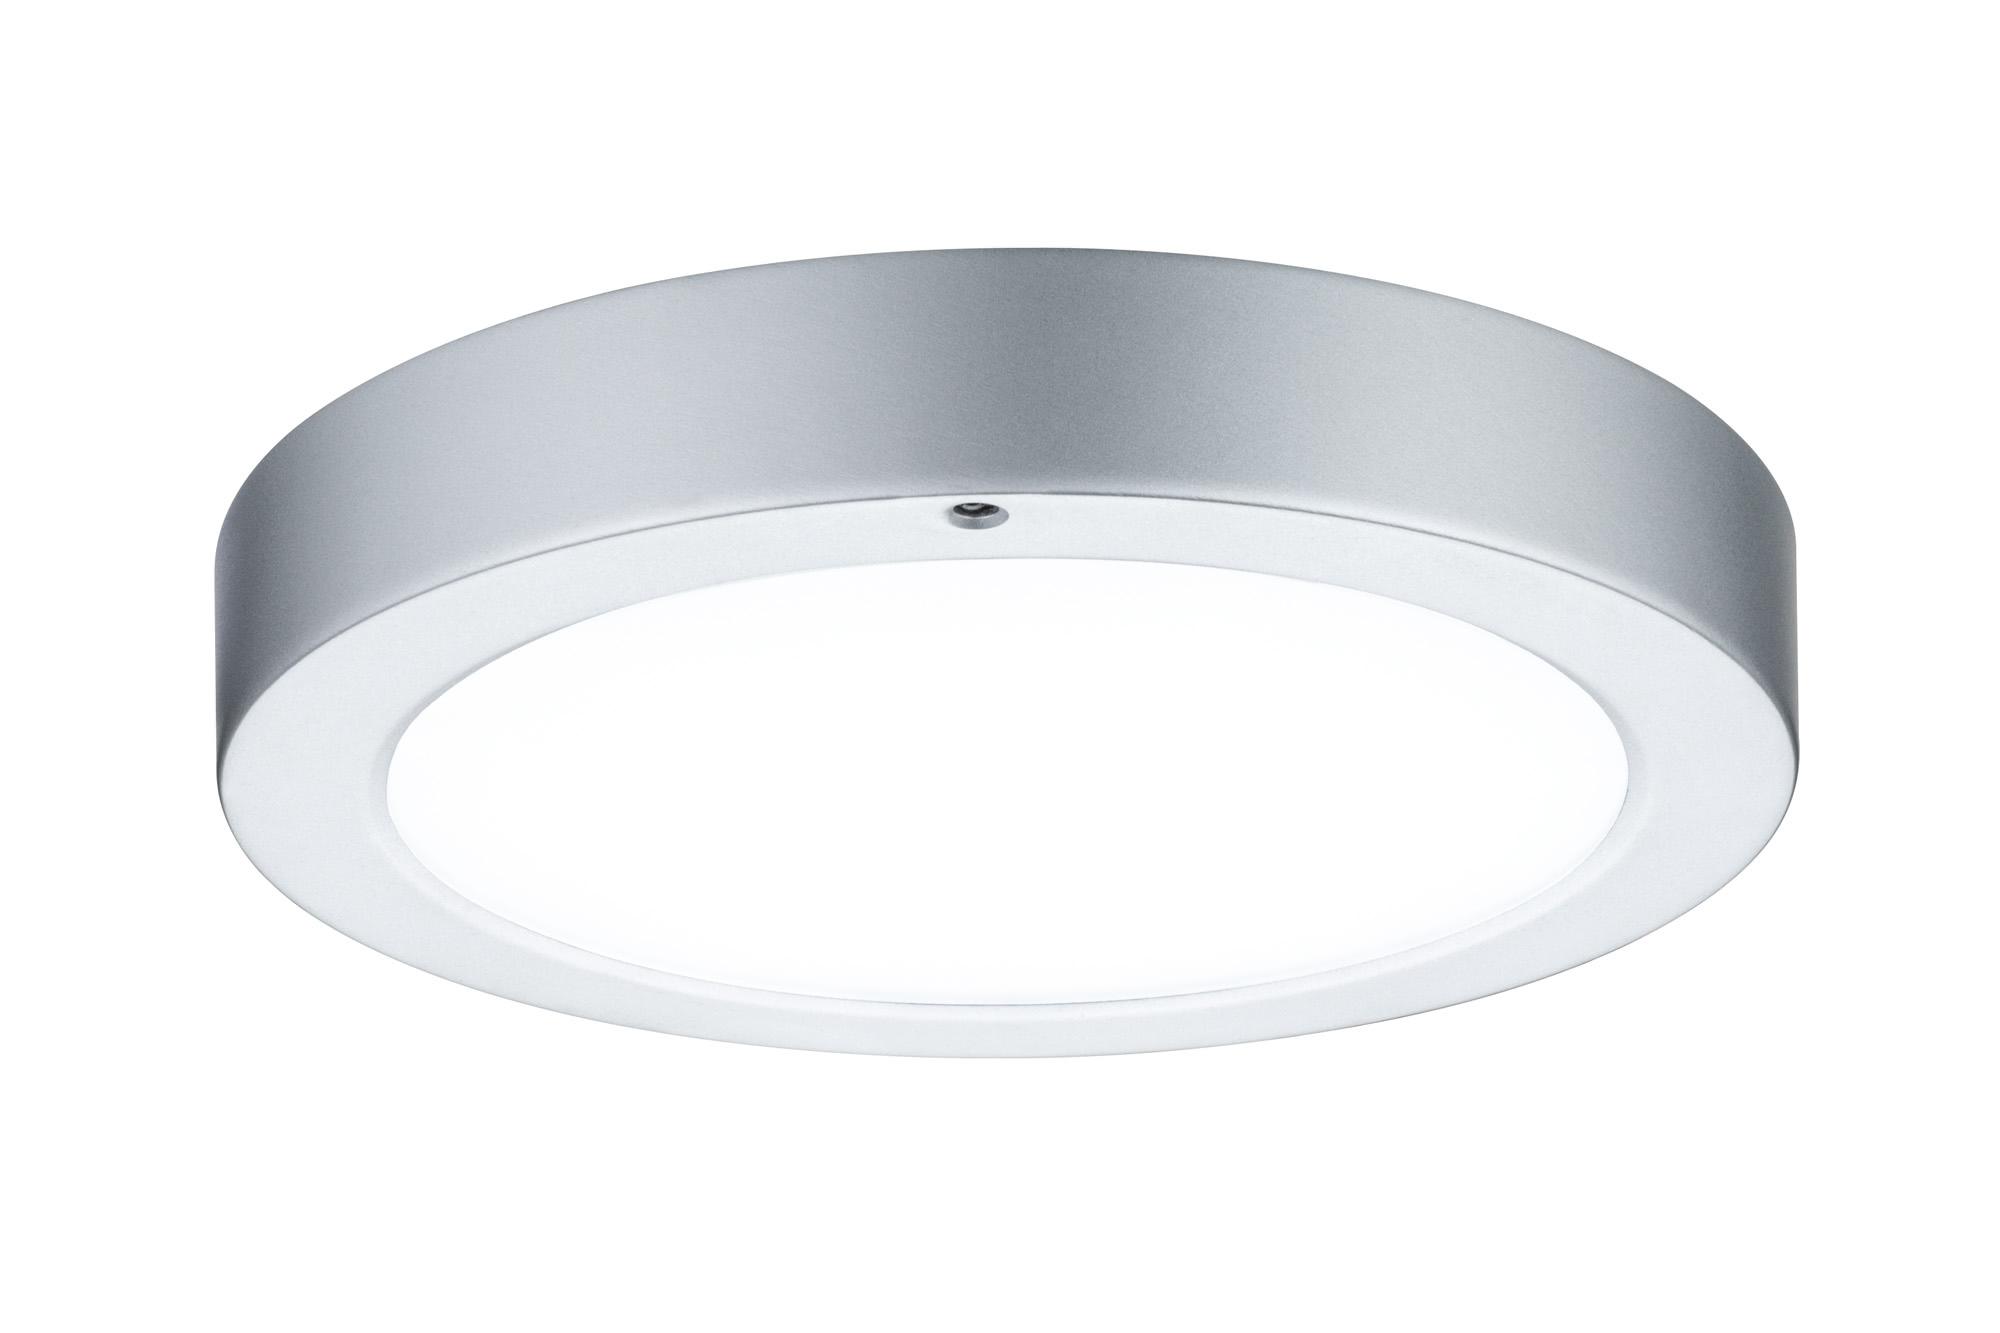 Paulmann. 70432 Светильник потолочный Smooth LED 1x7.5W, хром матовый